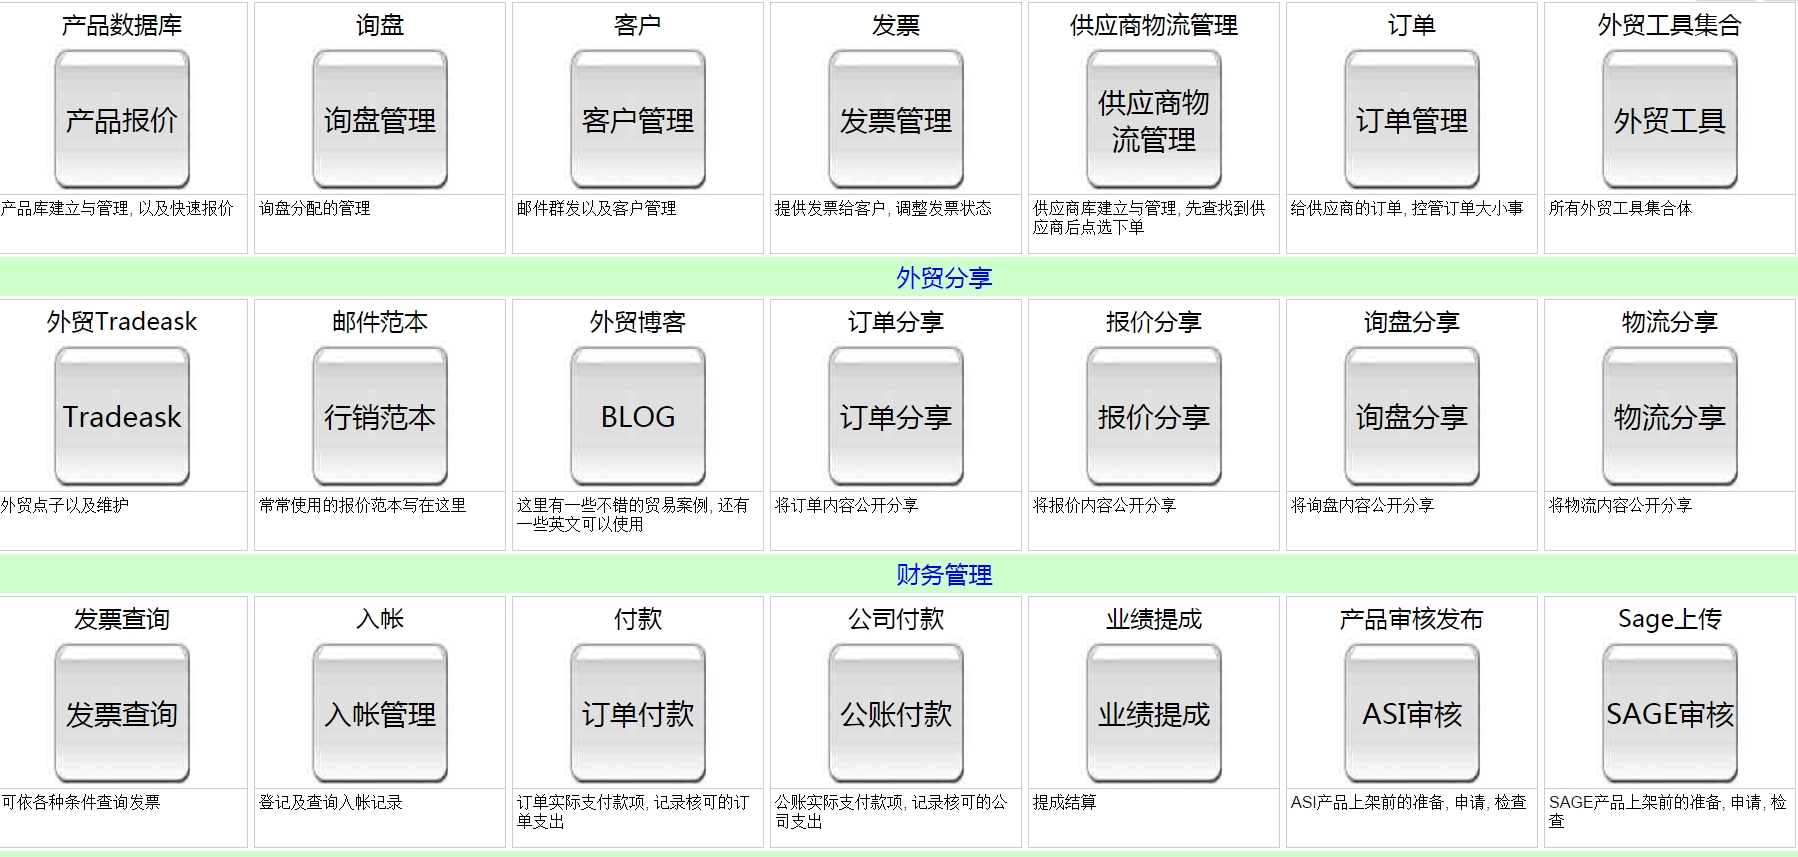 2016-06-12_101151.jpg